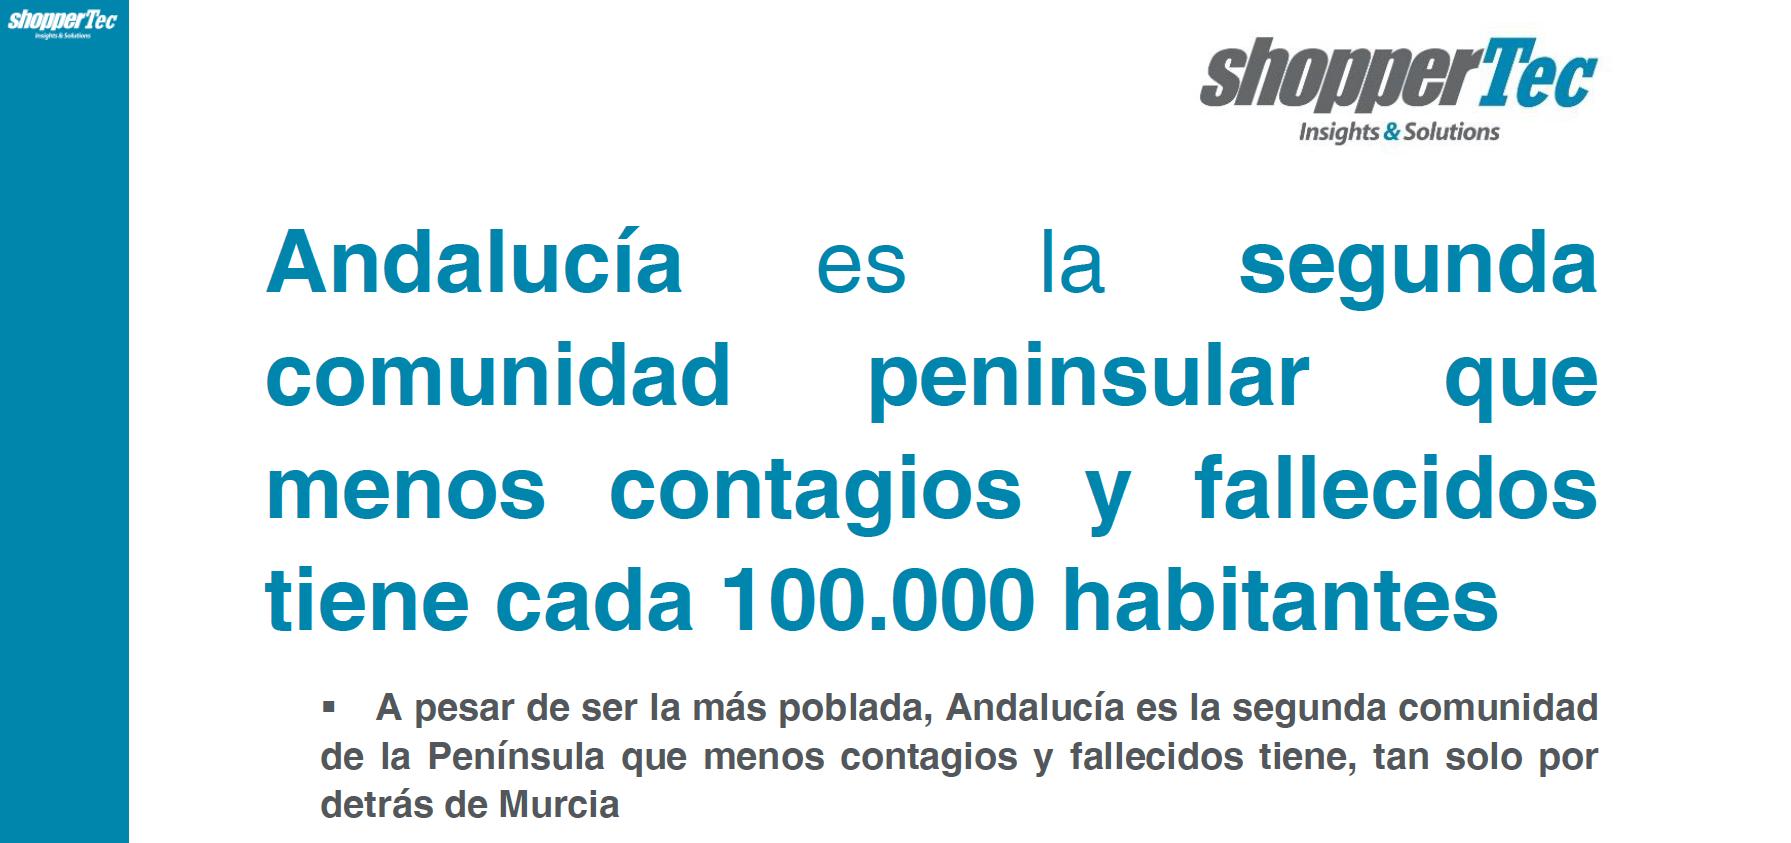 Andalucía, la segunda comunidad peninsular con menos contagios y fallecidos cada 100.000 habitantes